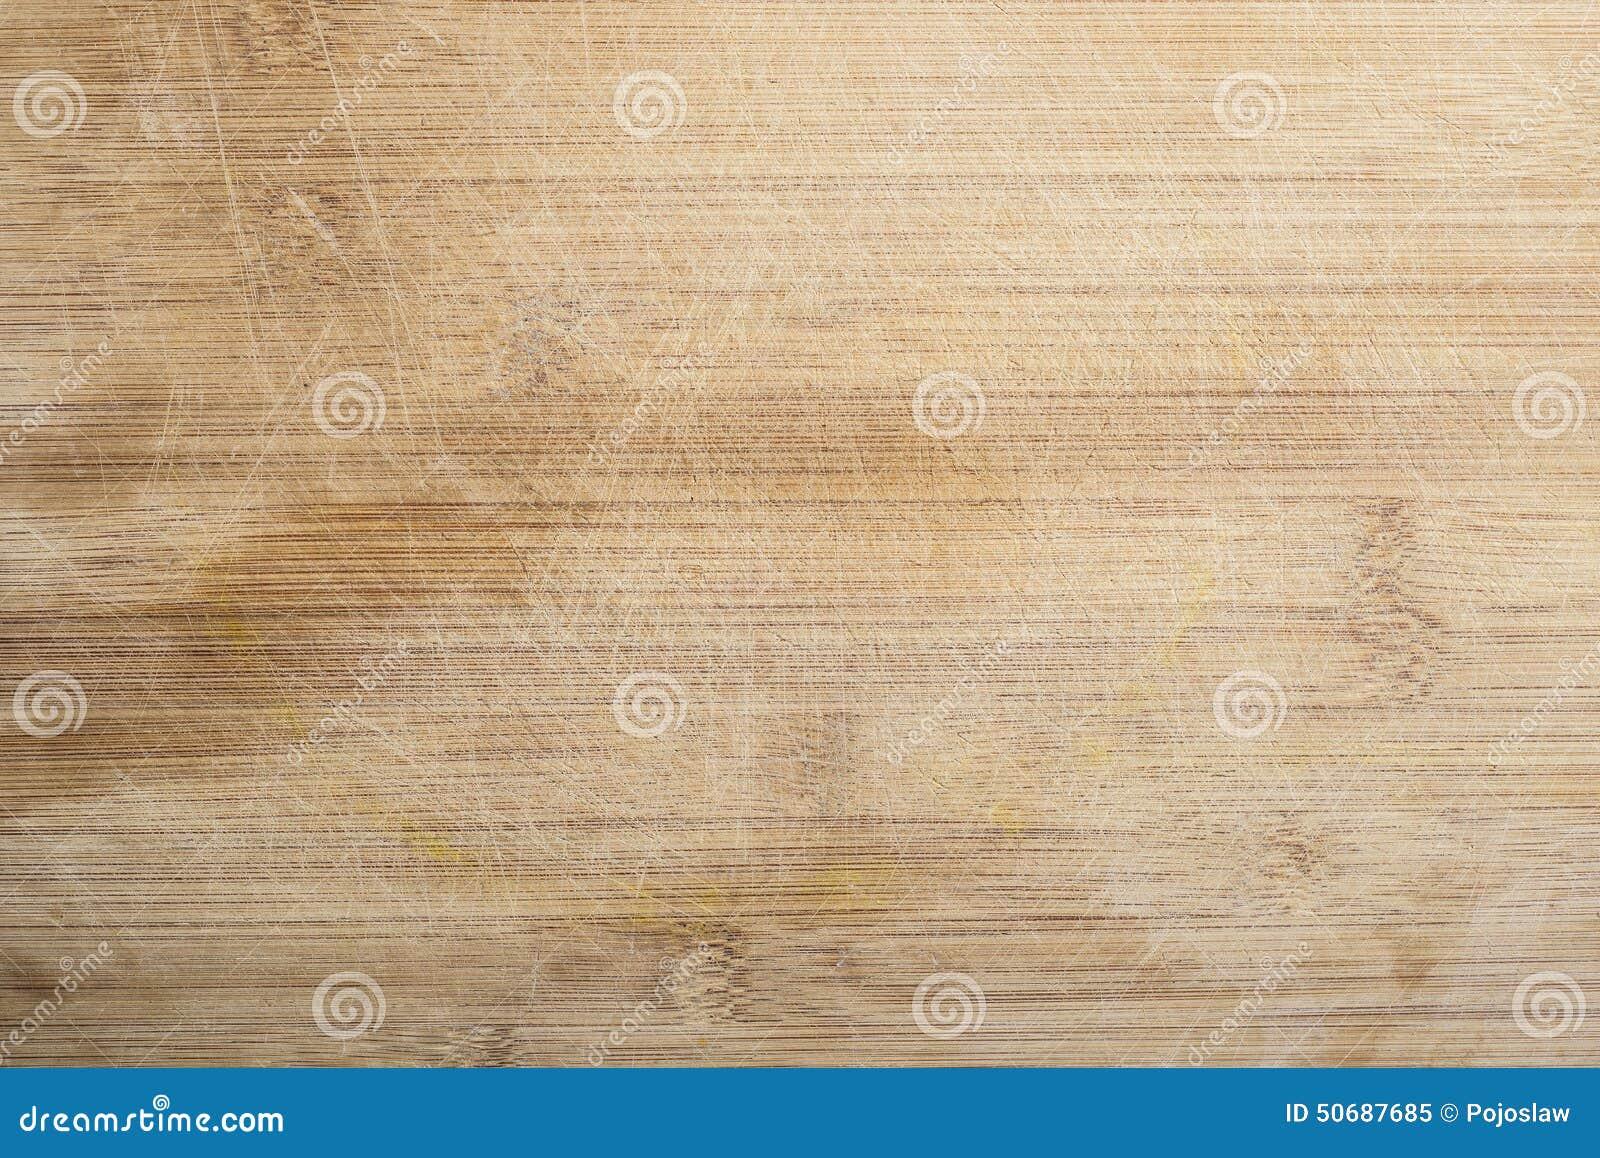 Download 木板背景 库存图片. 图片 包括有 平面, 自然, 楼层, 材料, 年龄, 模式, 干净, 本质, 特写镜头 - 50687685